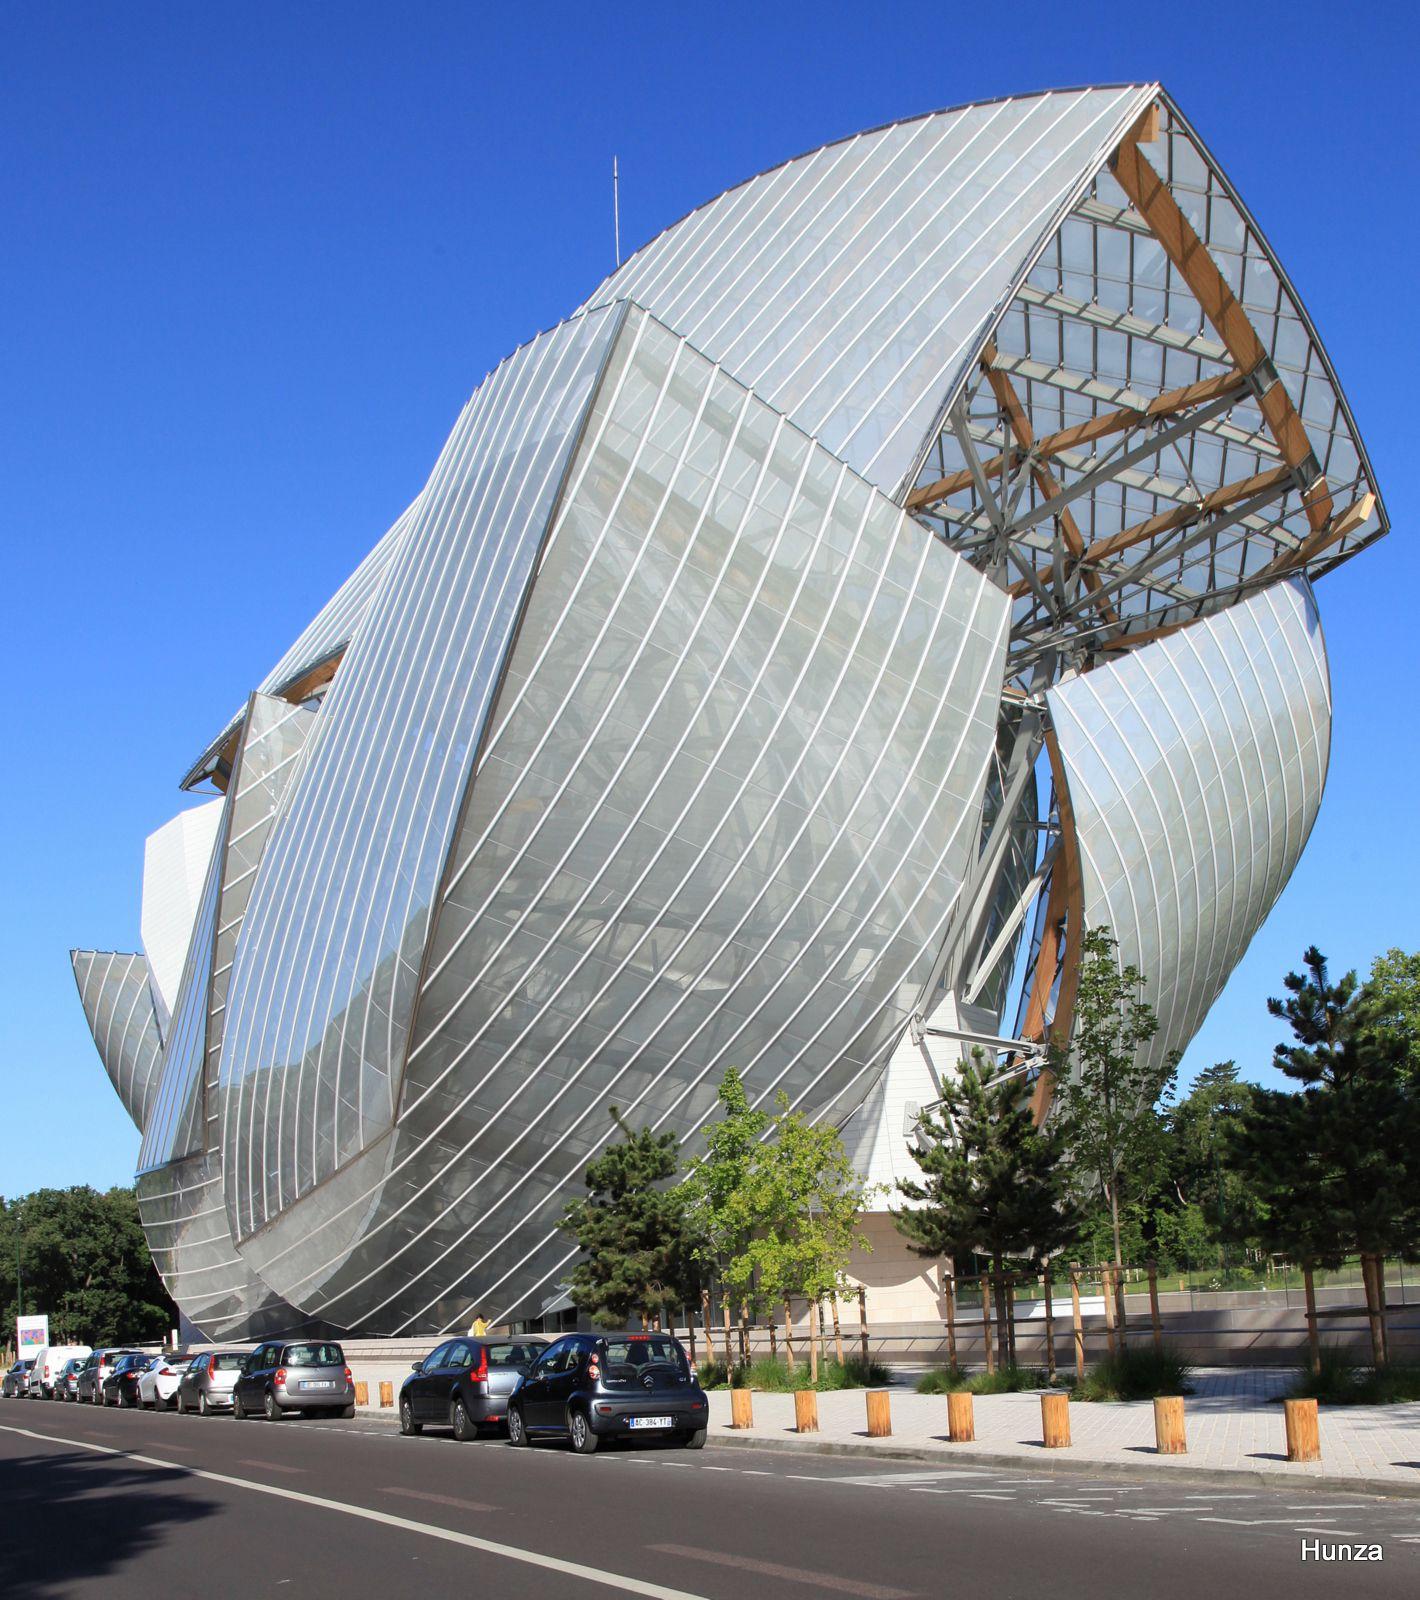 Bois de Boulogne, fondation Louis Vuitton